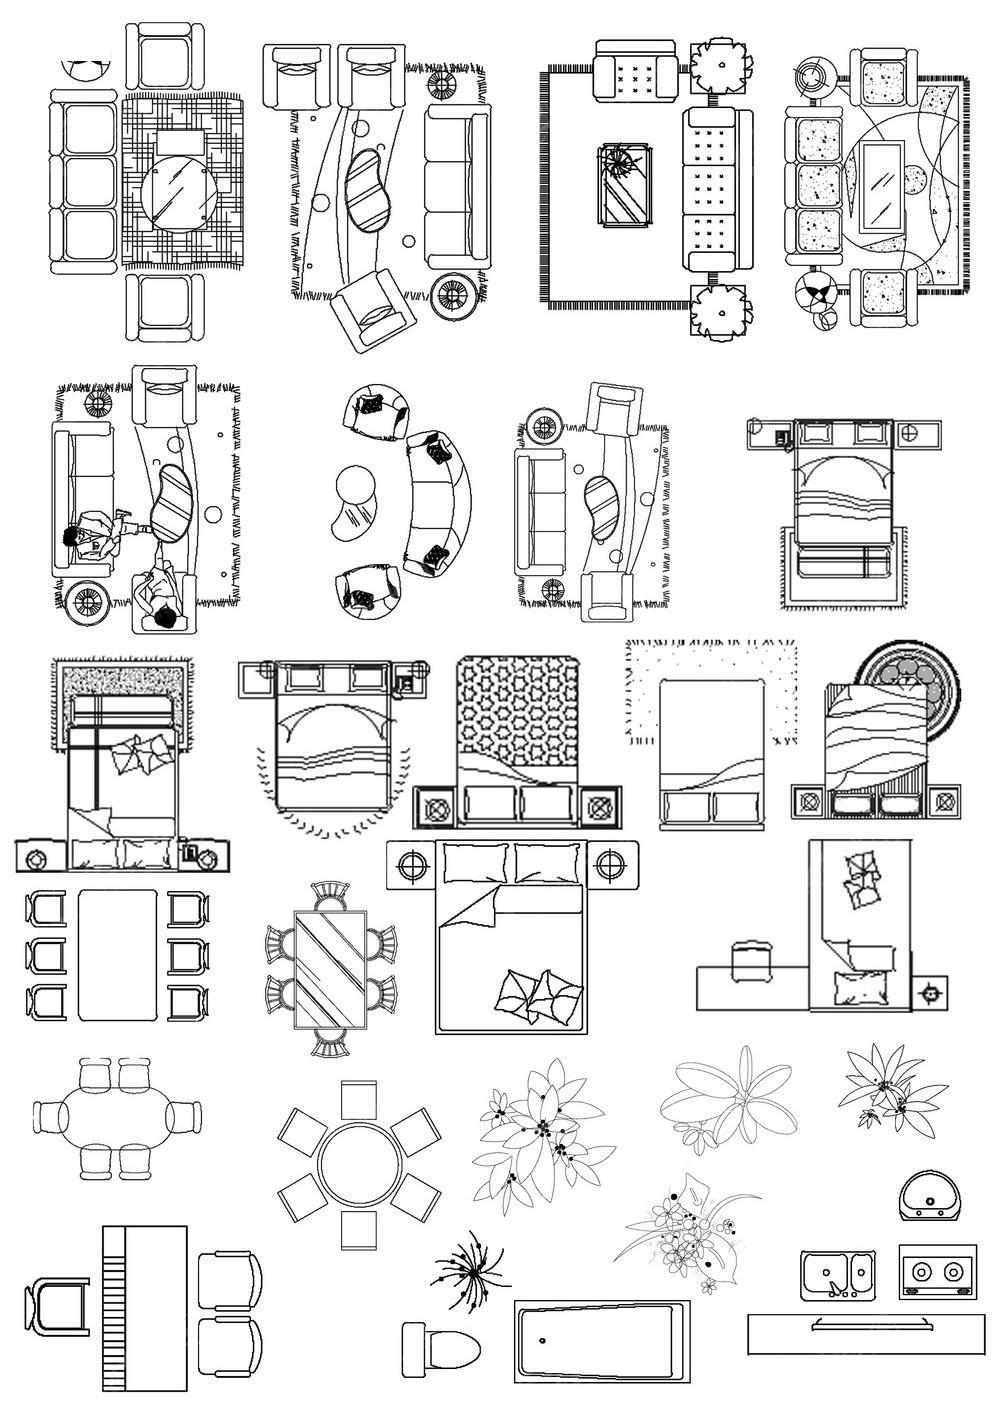 户型图黑白线条家具素材图片